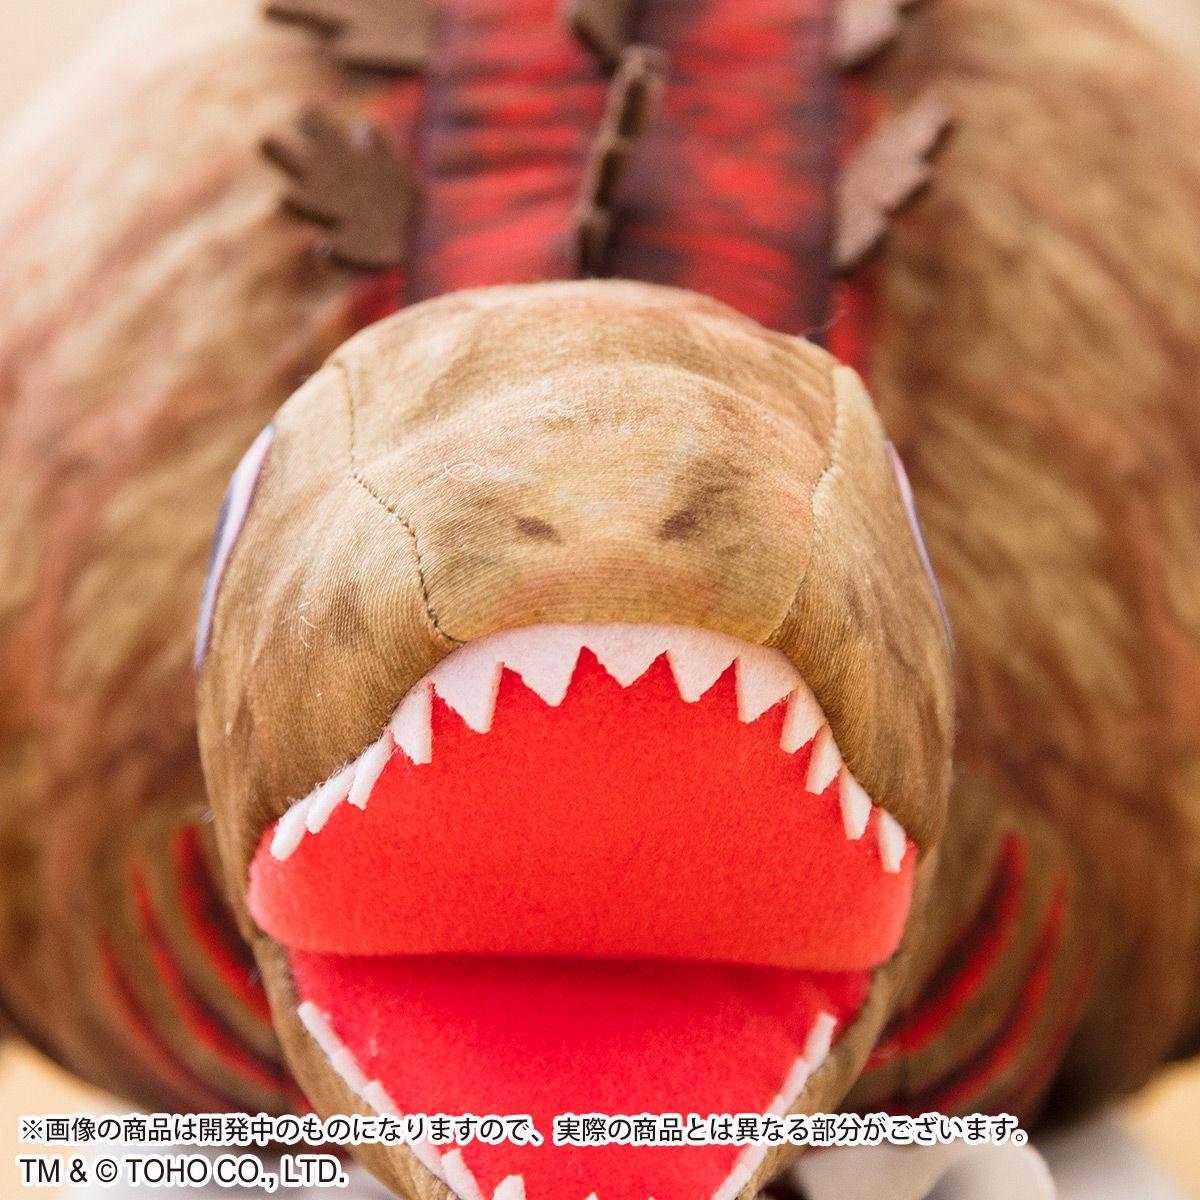 【限定販売】シン・ゴジラ『ゴジラ第2形態 フローリングワイパーカバー』グッズ-009